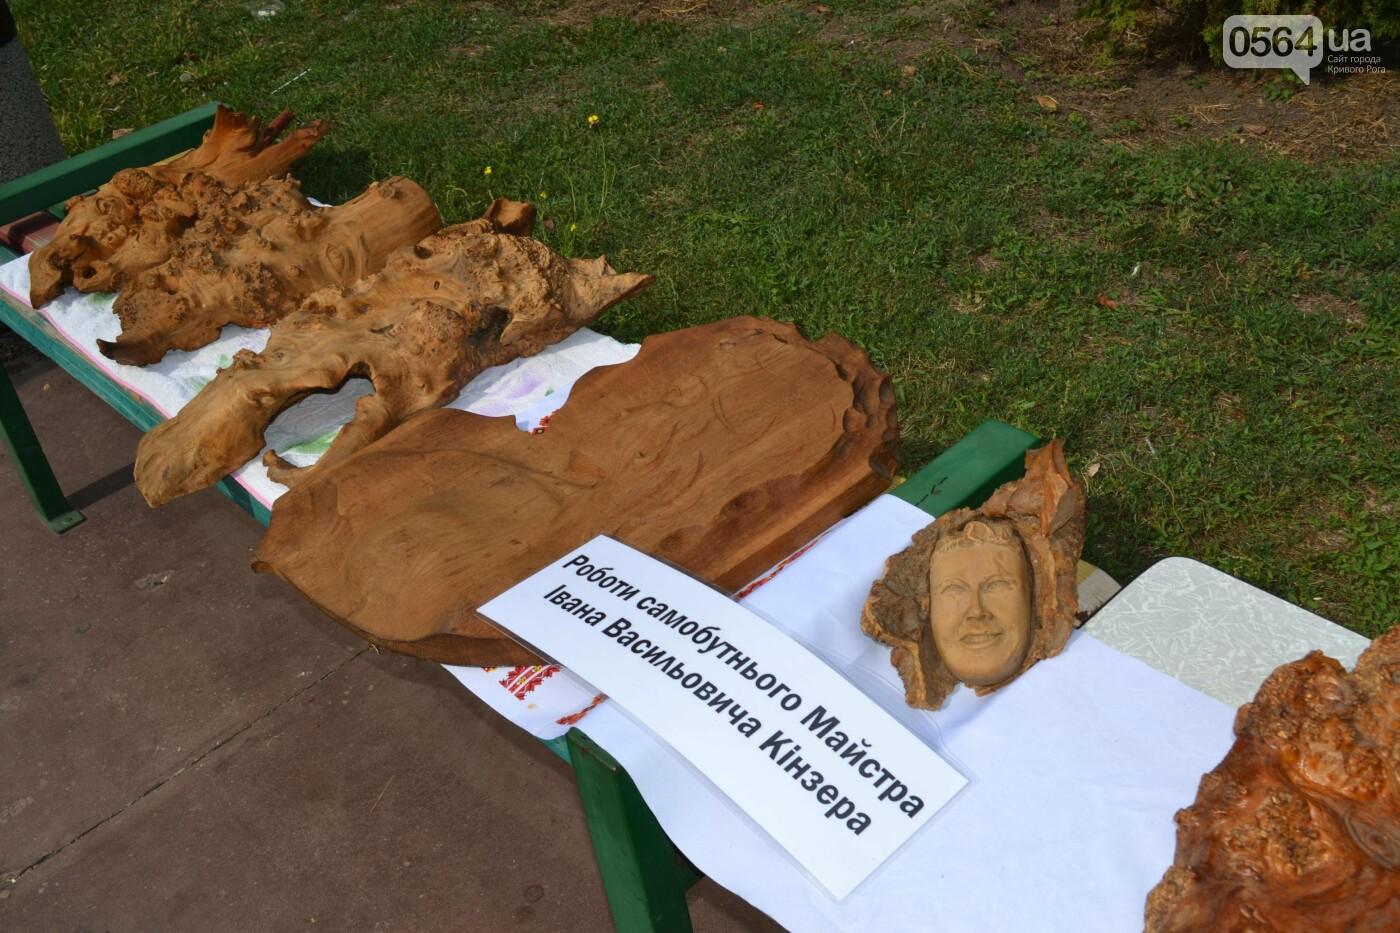 Рельефные иконы, абажуры из лозы, эко-квест и Акела: чем удивляли криворожан на Древофесте - 2021, - ФОТО, ВИДЕО, фото-63